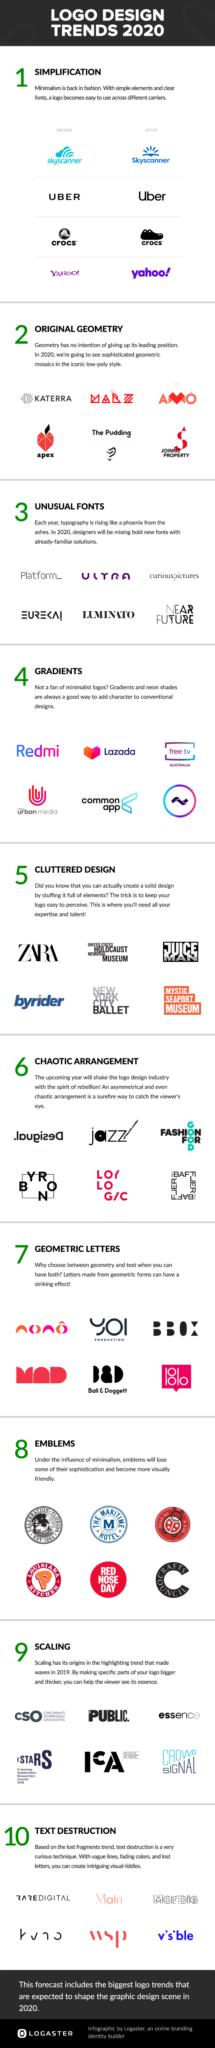 tendencias de logotipos en 2020 by logaster